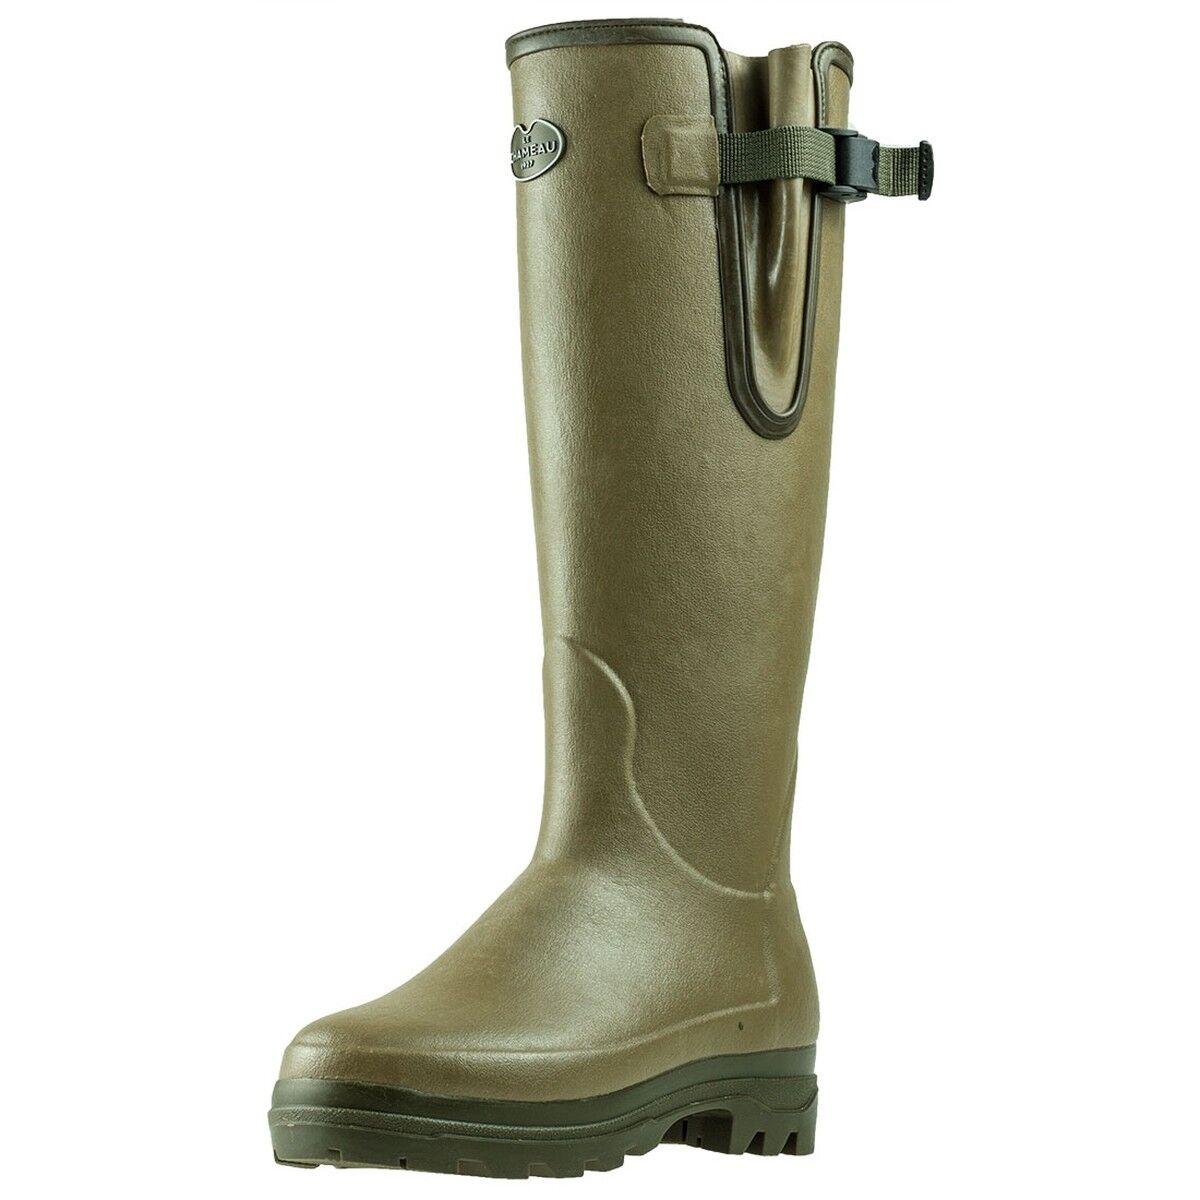 Le Chameau Vierzonord Womens Green Rubber Wellington Boots - 41 EU